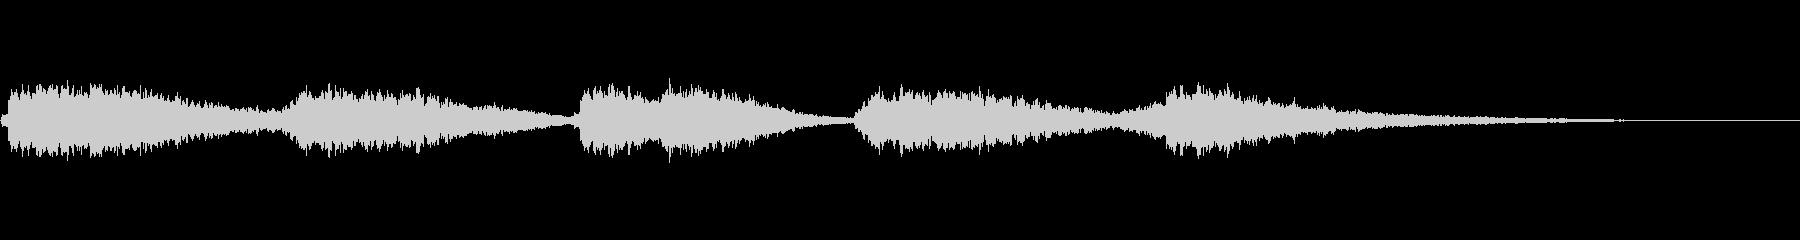 オープニングベル2の未再生の波形